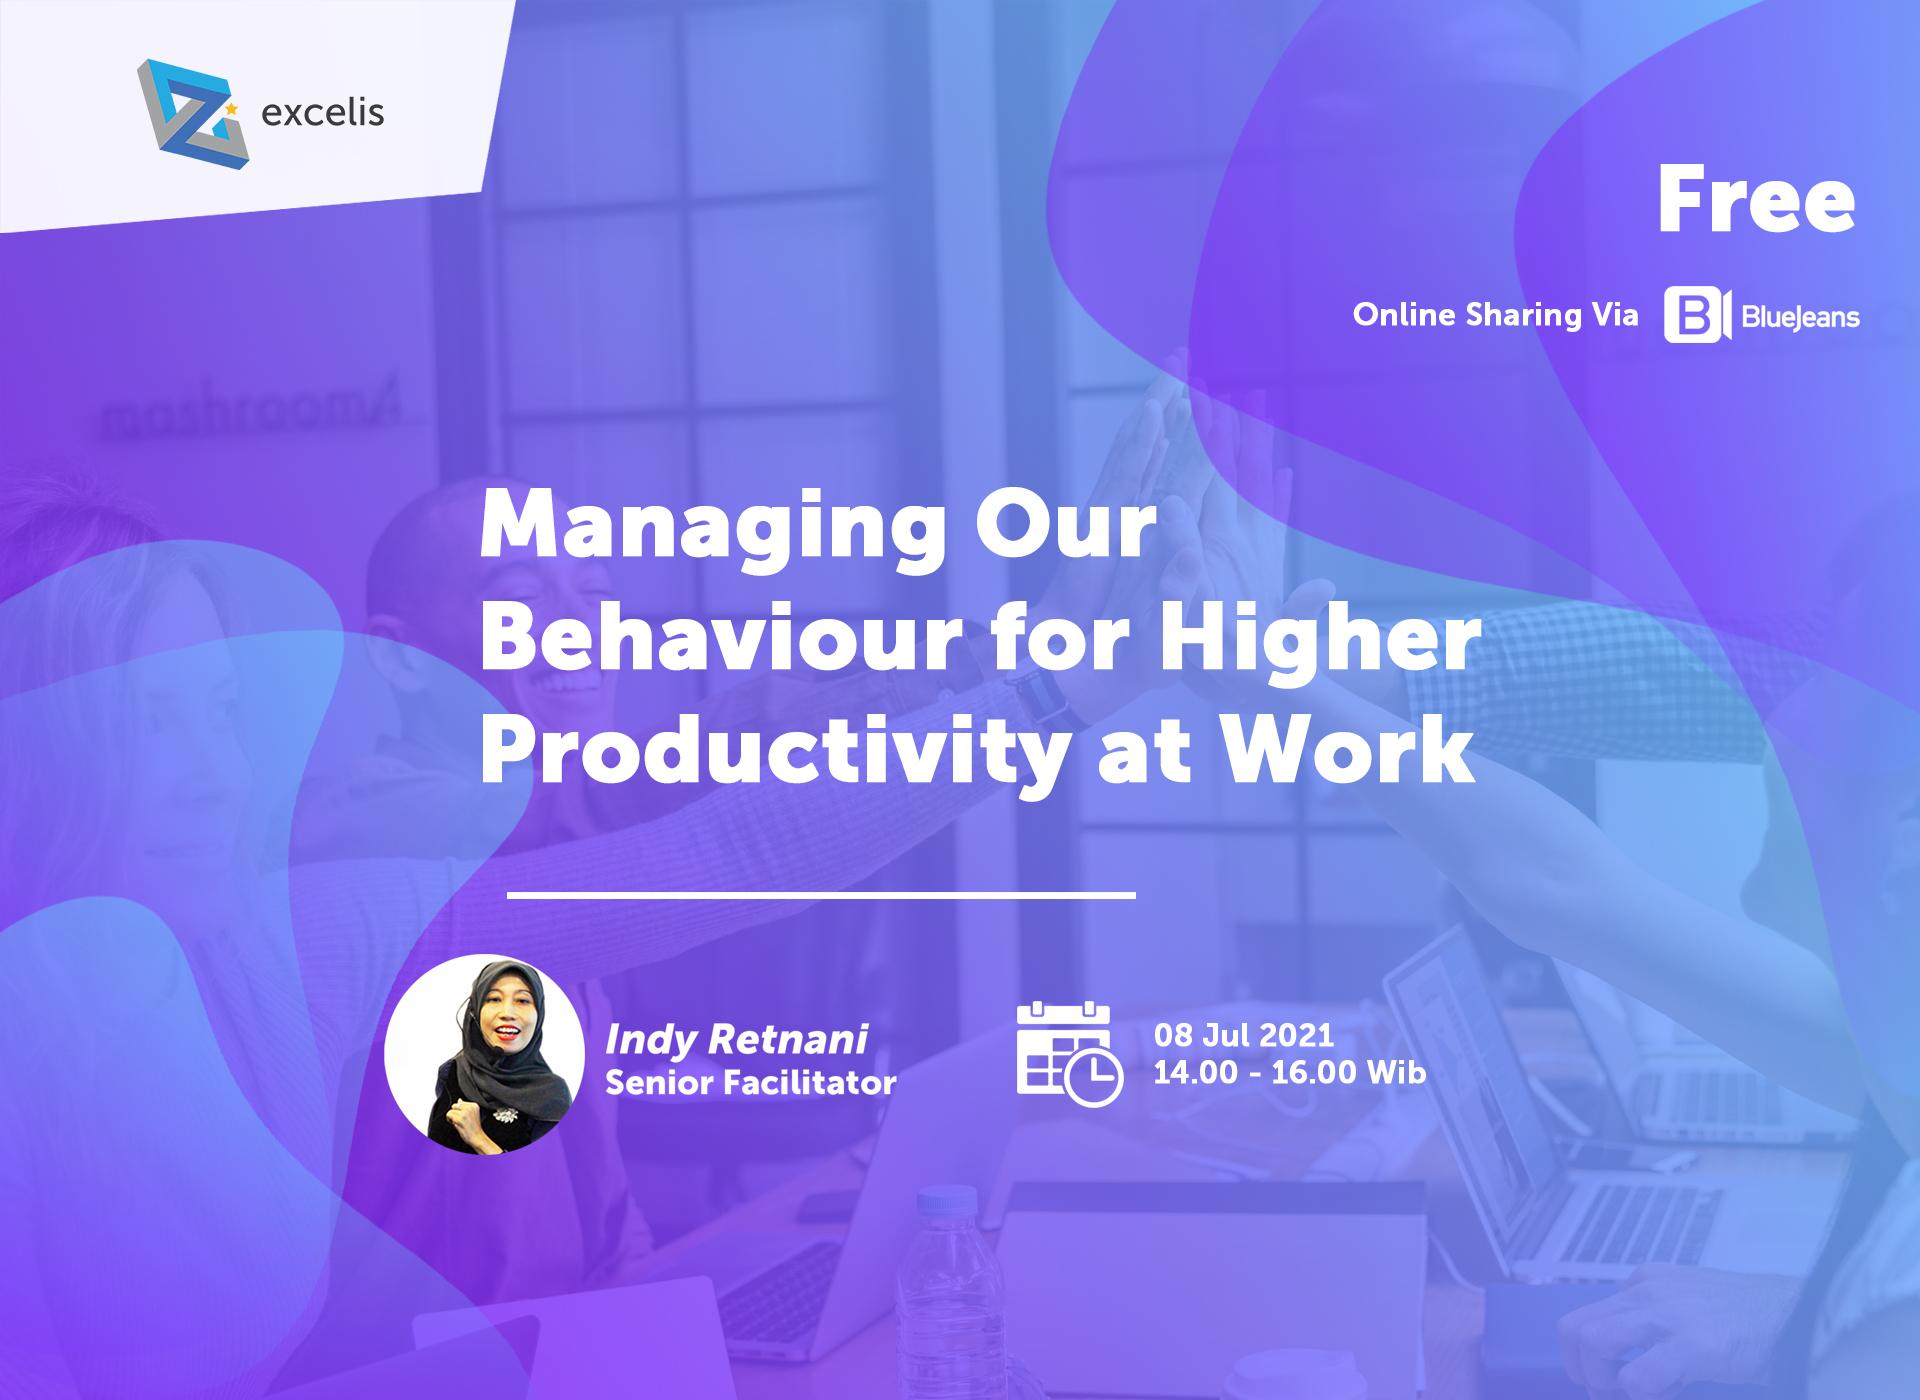 Managing Our Behavior